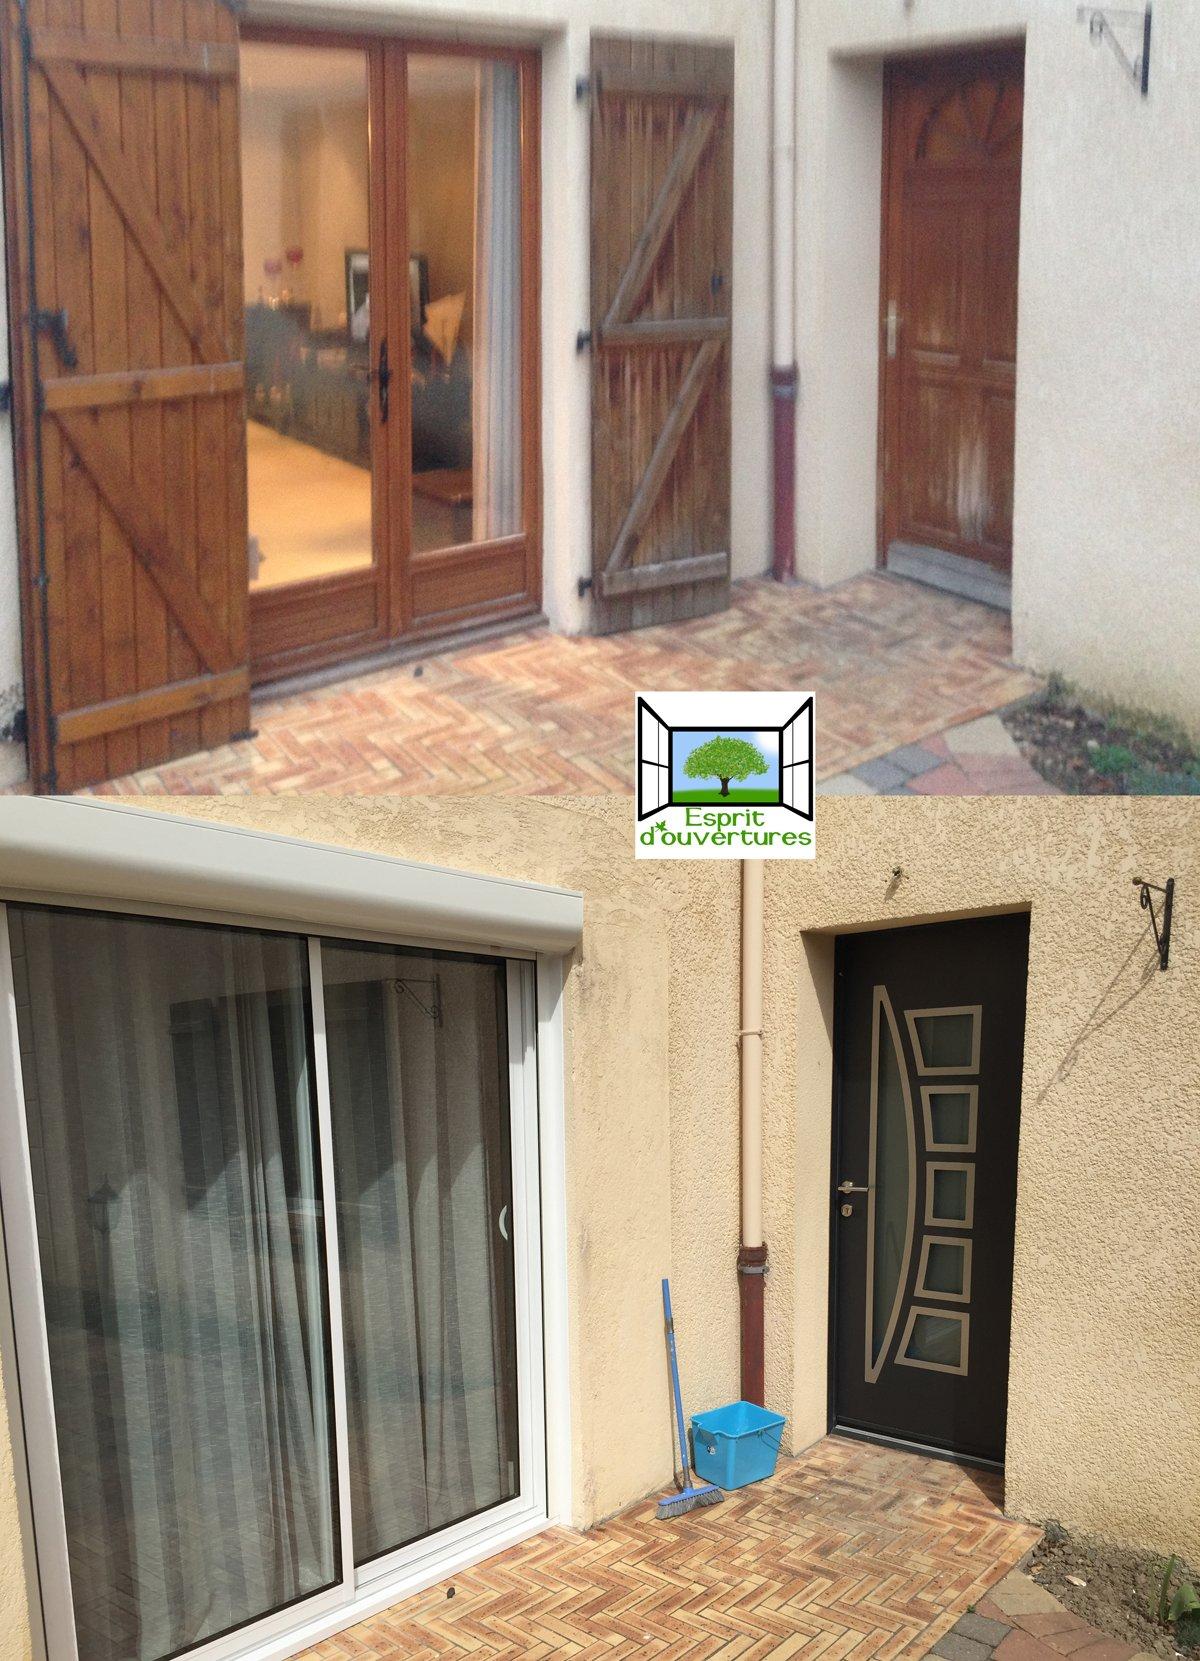 porte baie volet esprit d'ouvertures avant/apres renovation alu aluminium